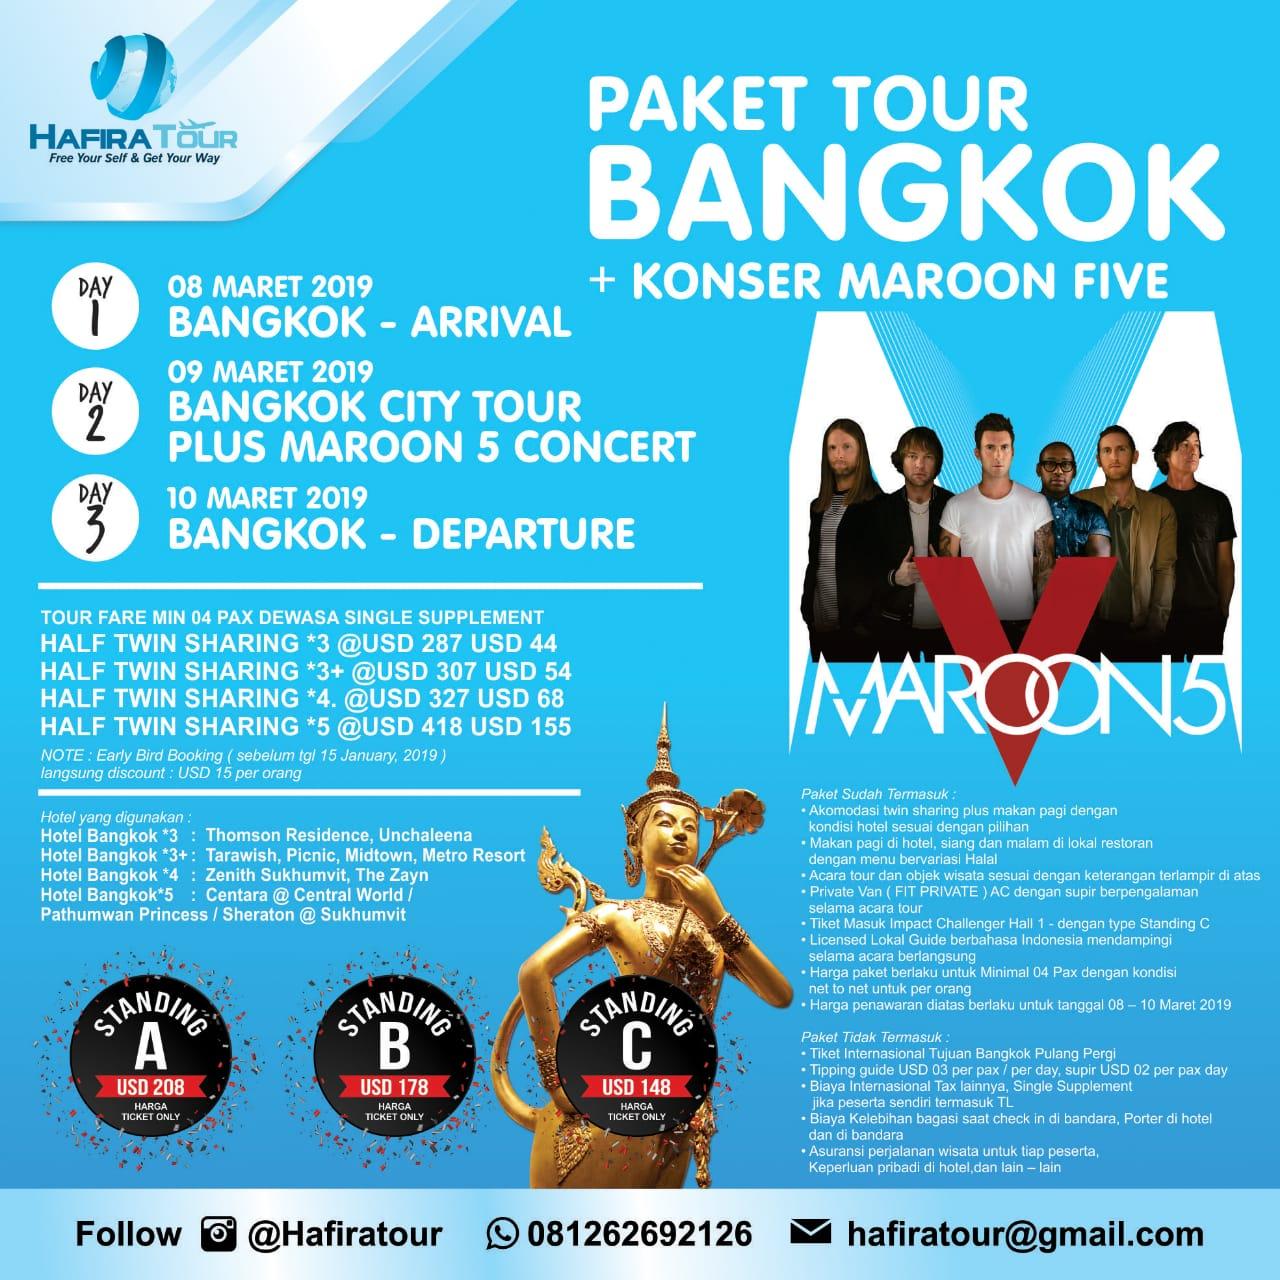 PAKET TOUR BANGKOK + KONSER MAROON FIVE - Guide Bahasa